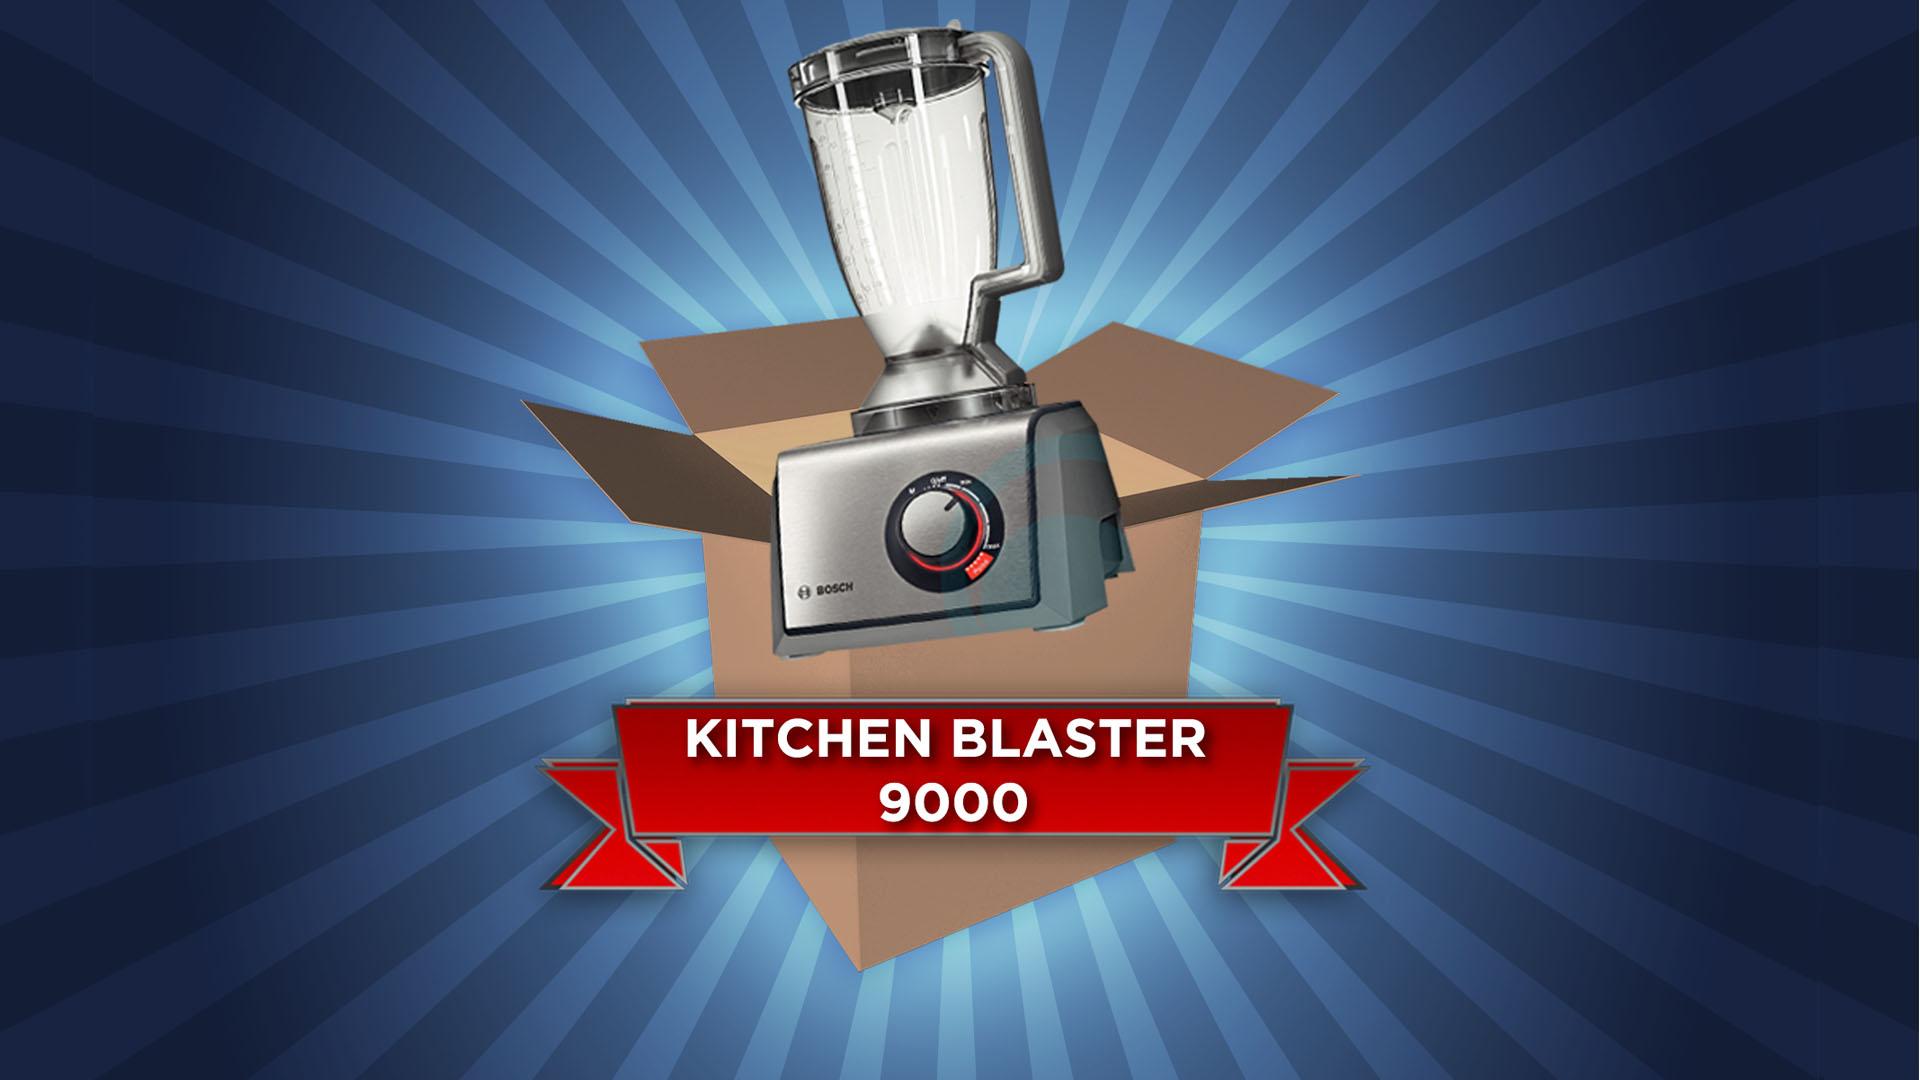 Kitchen Blaster 9000